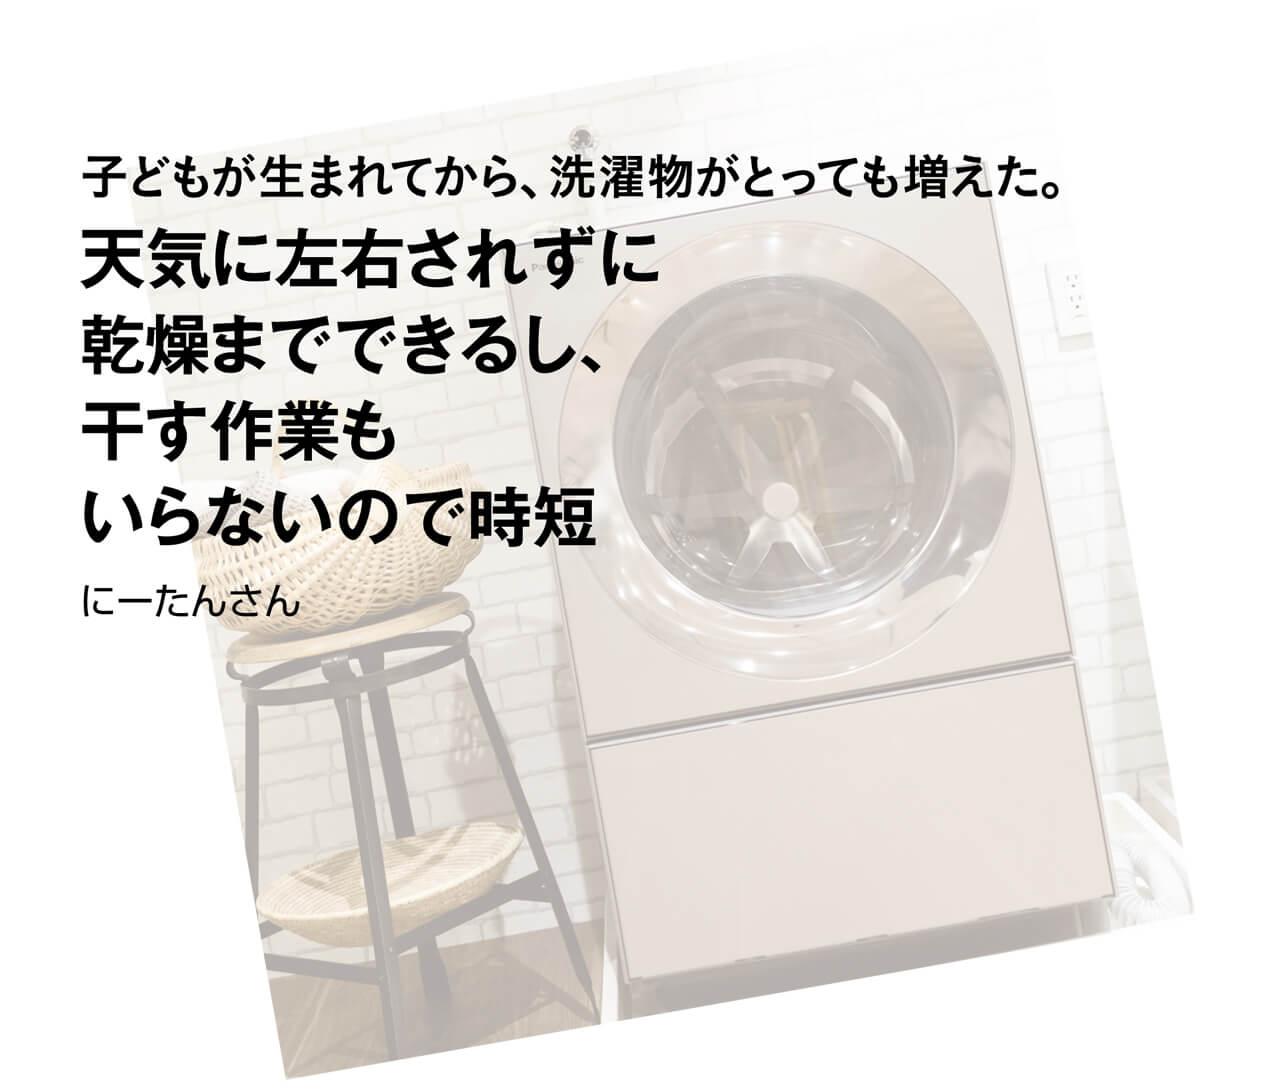 子どもが生まれてから、洗濯物がとっても増えた。天気に左右されずに乾燥までできるし、干す作業もいらないので時短 にーたんさん